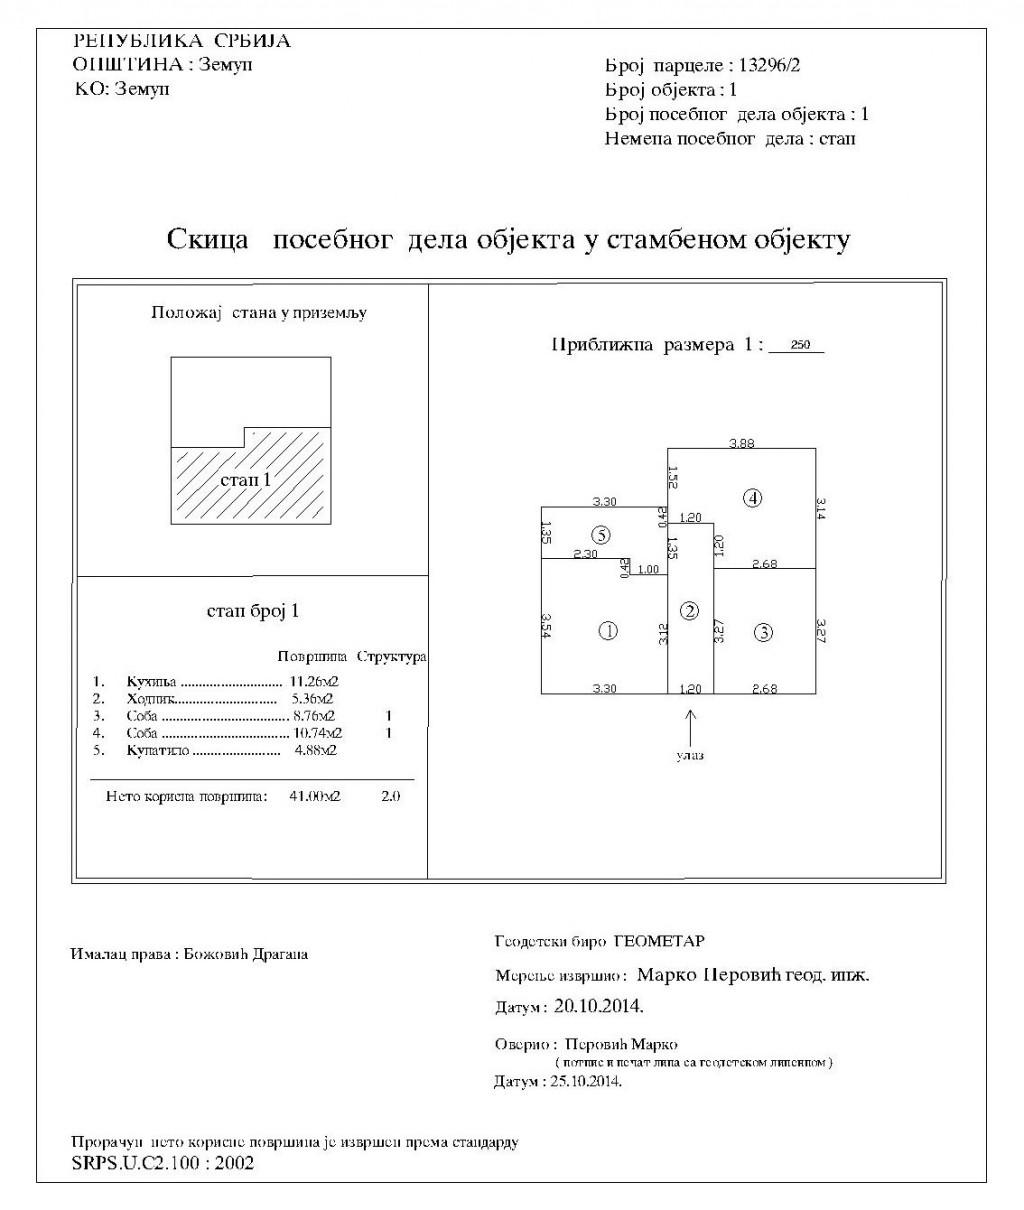 specifikacija posebnih delova objekata